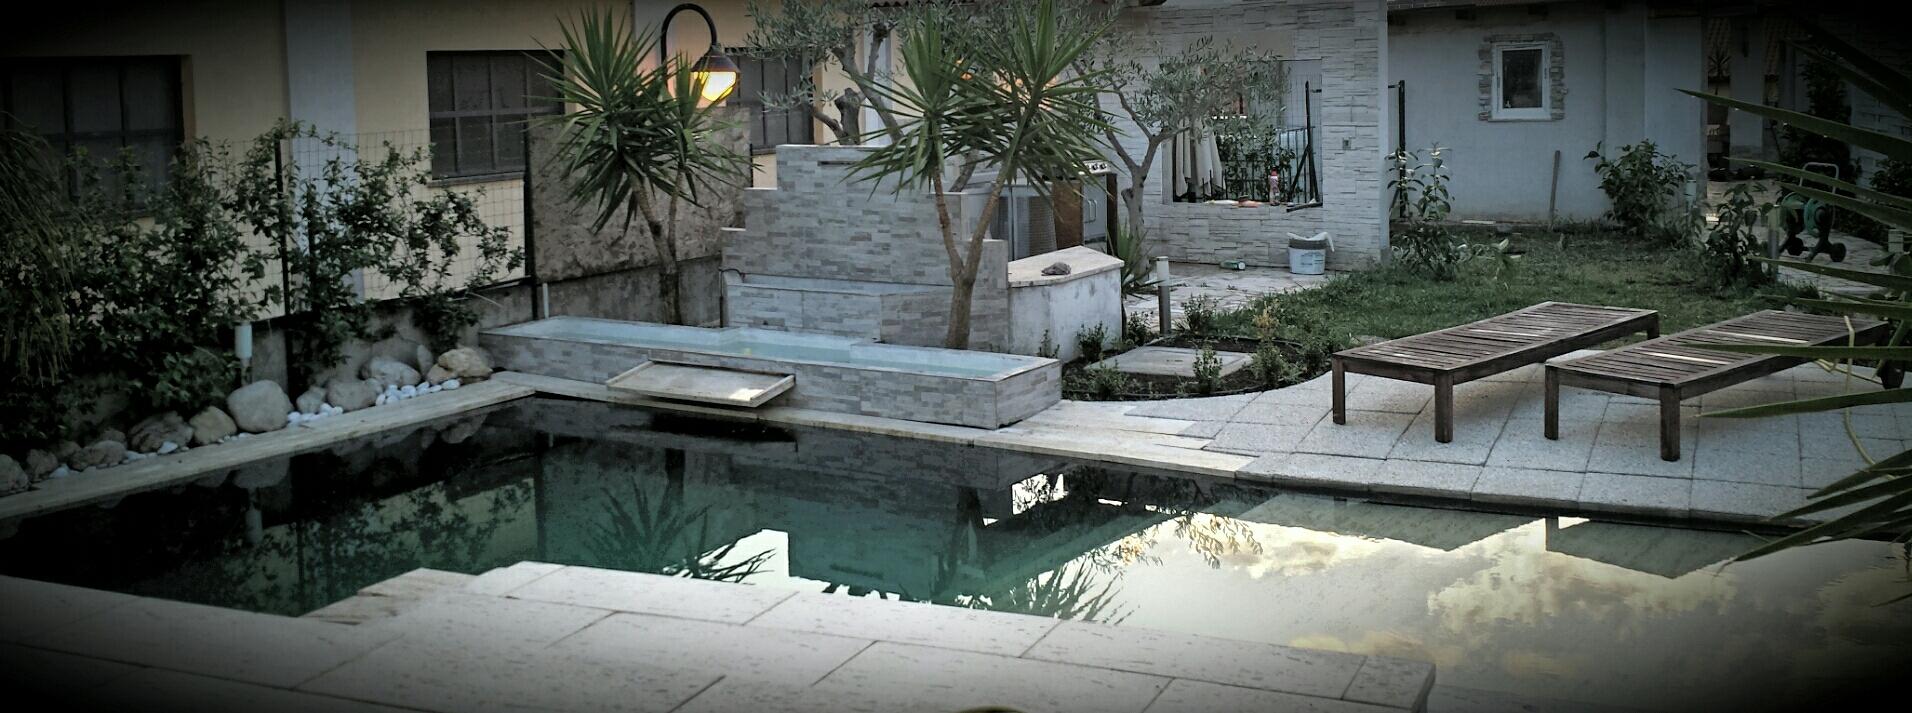 Benza laghetti da giardino cascate e ruscelli artificiali for Teli laghetto giardino